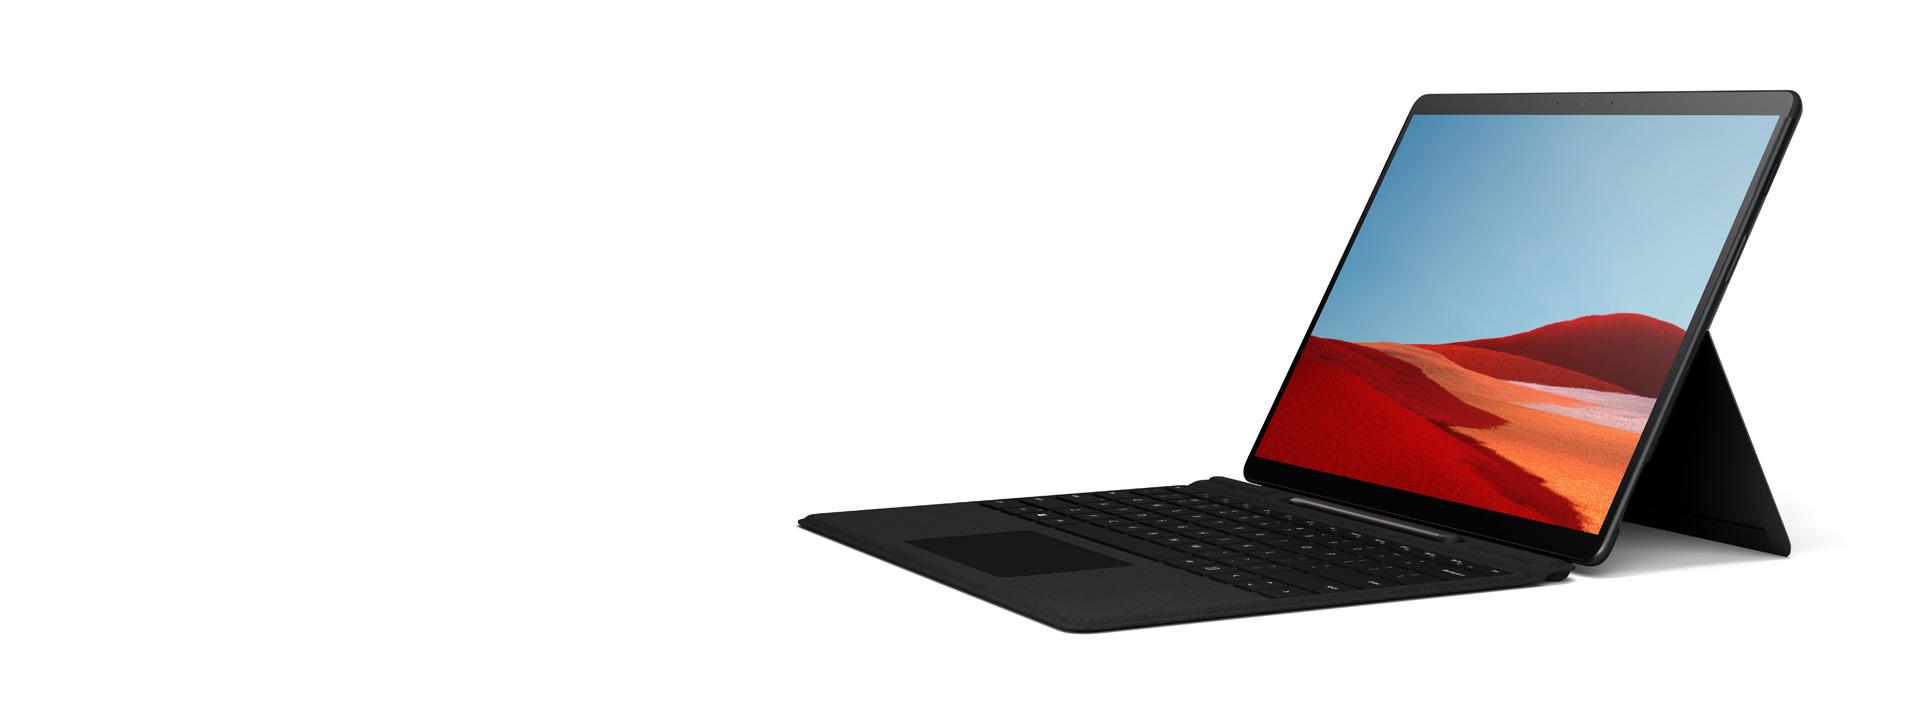 13 インチ PixelSense™ ディスプレイ搭載 Surface Pro X